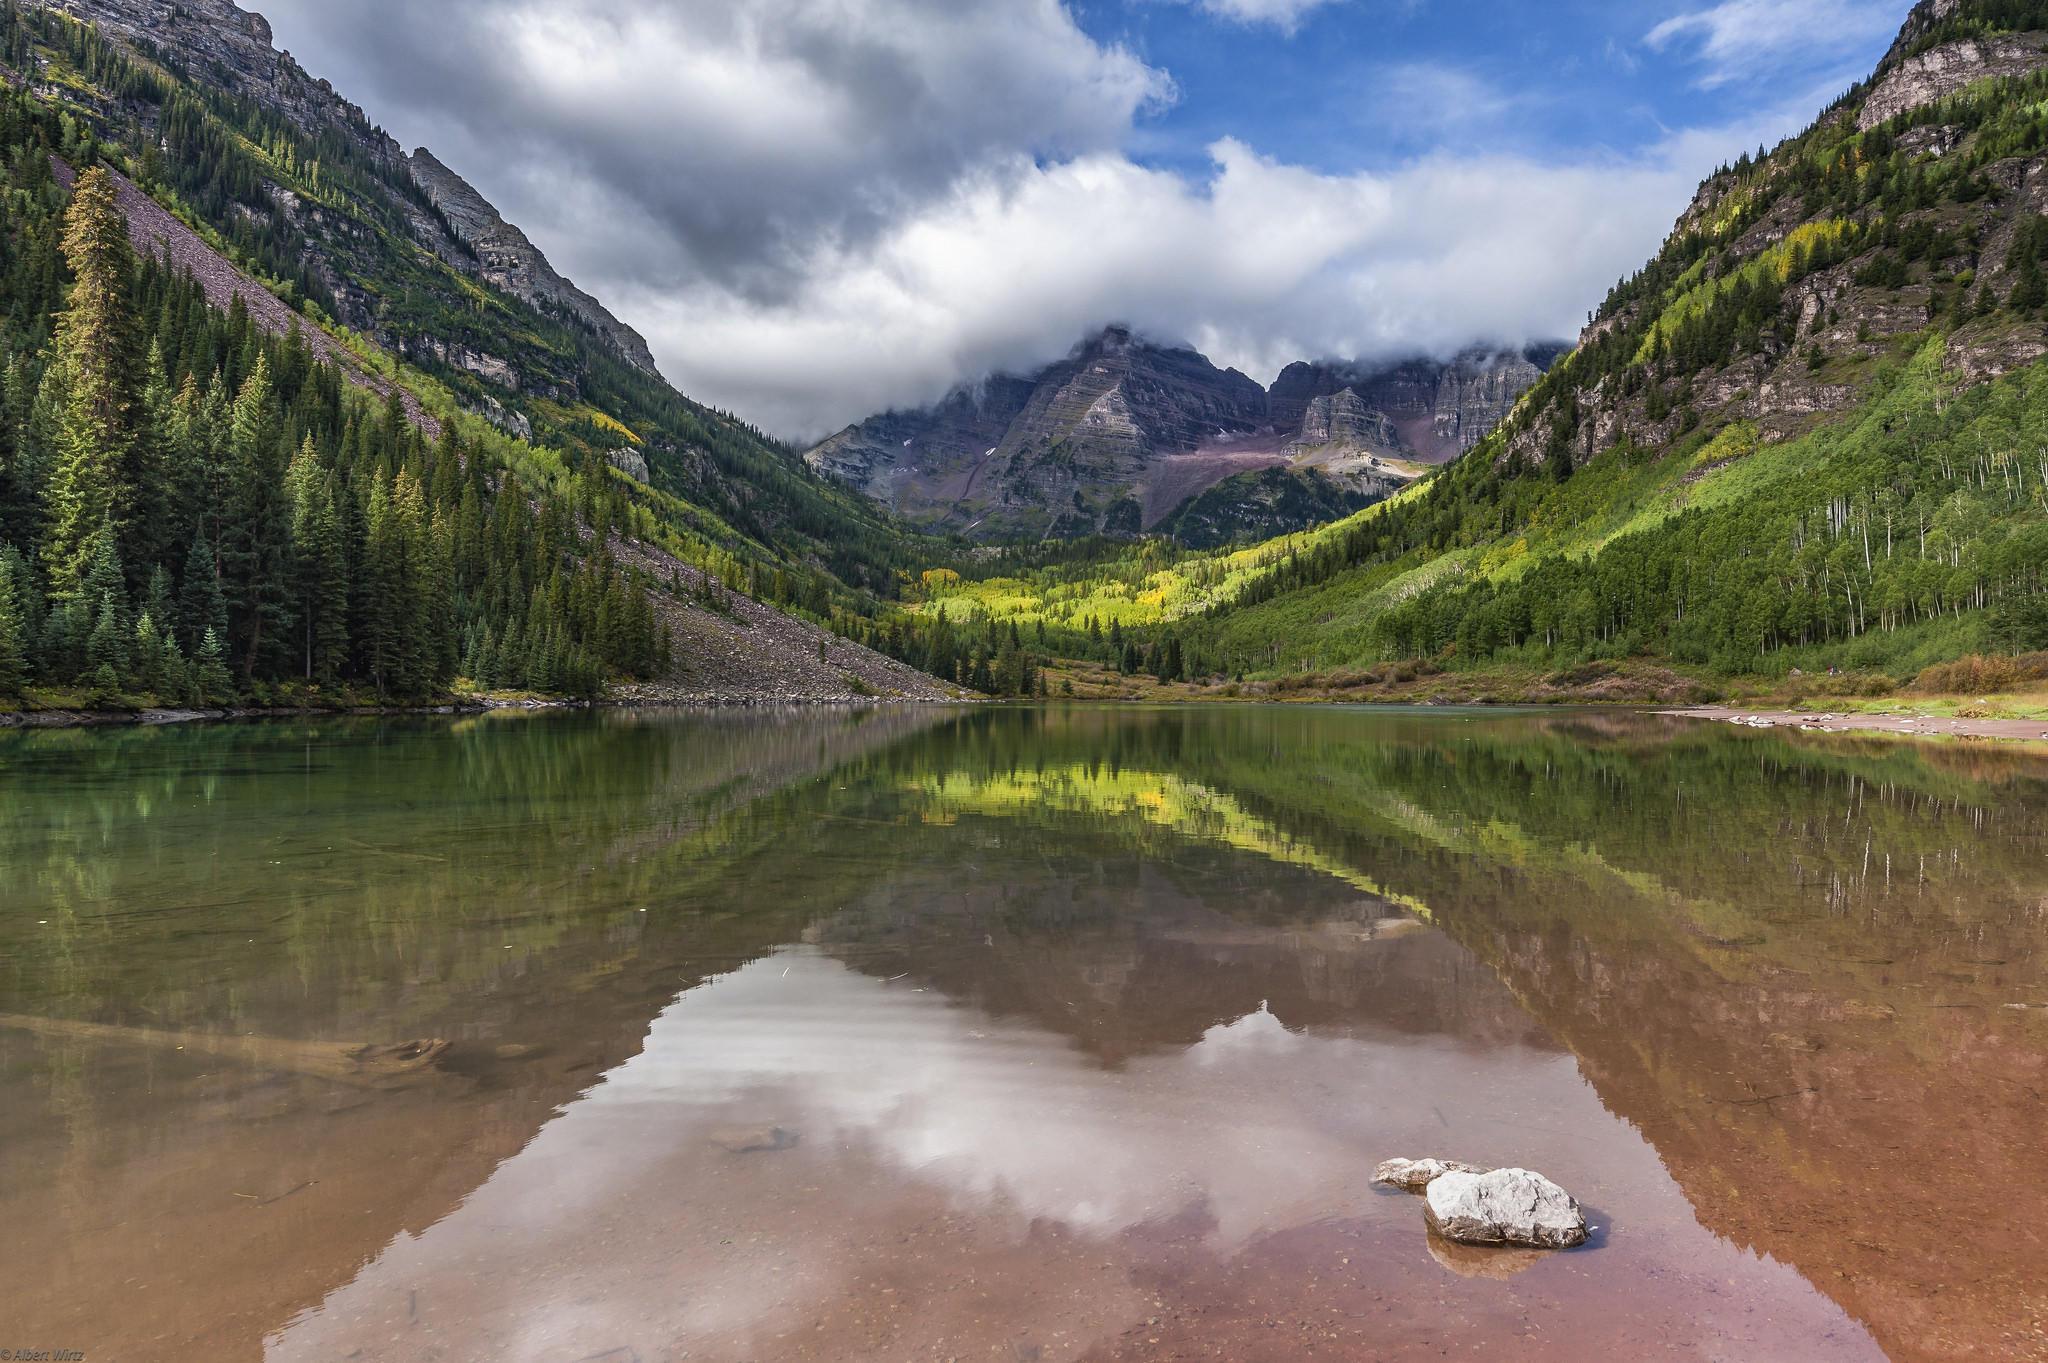 Марун Беллс, Колорадо, озеро